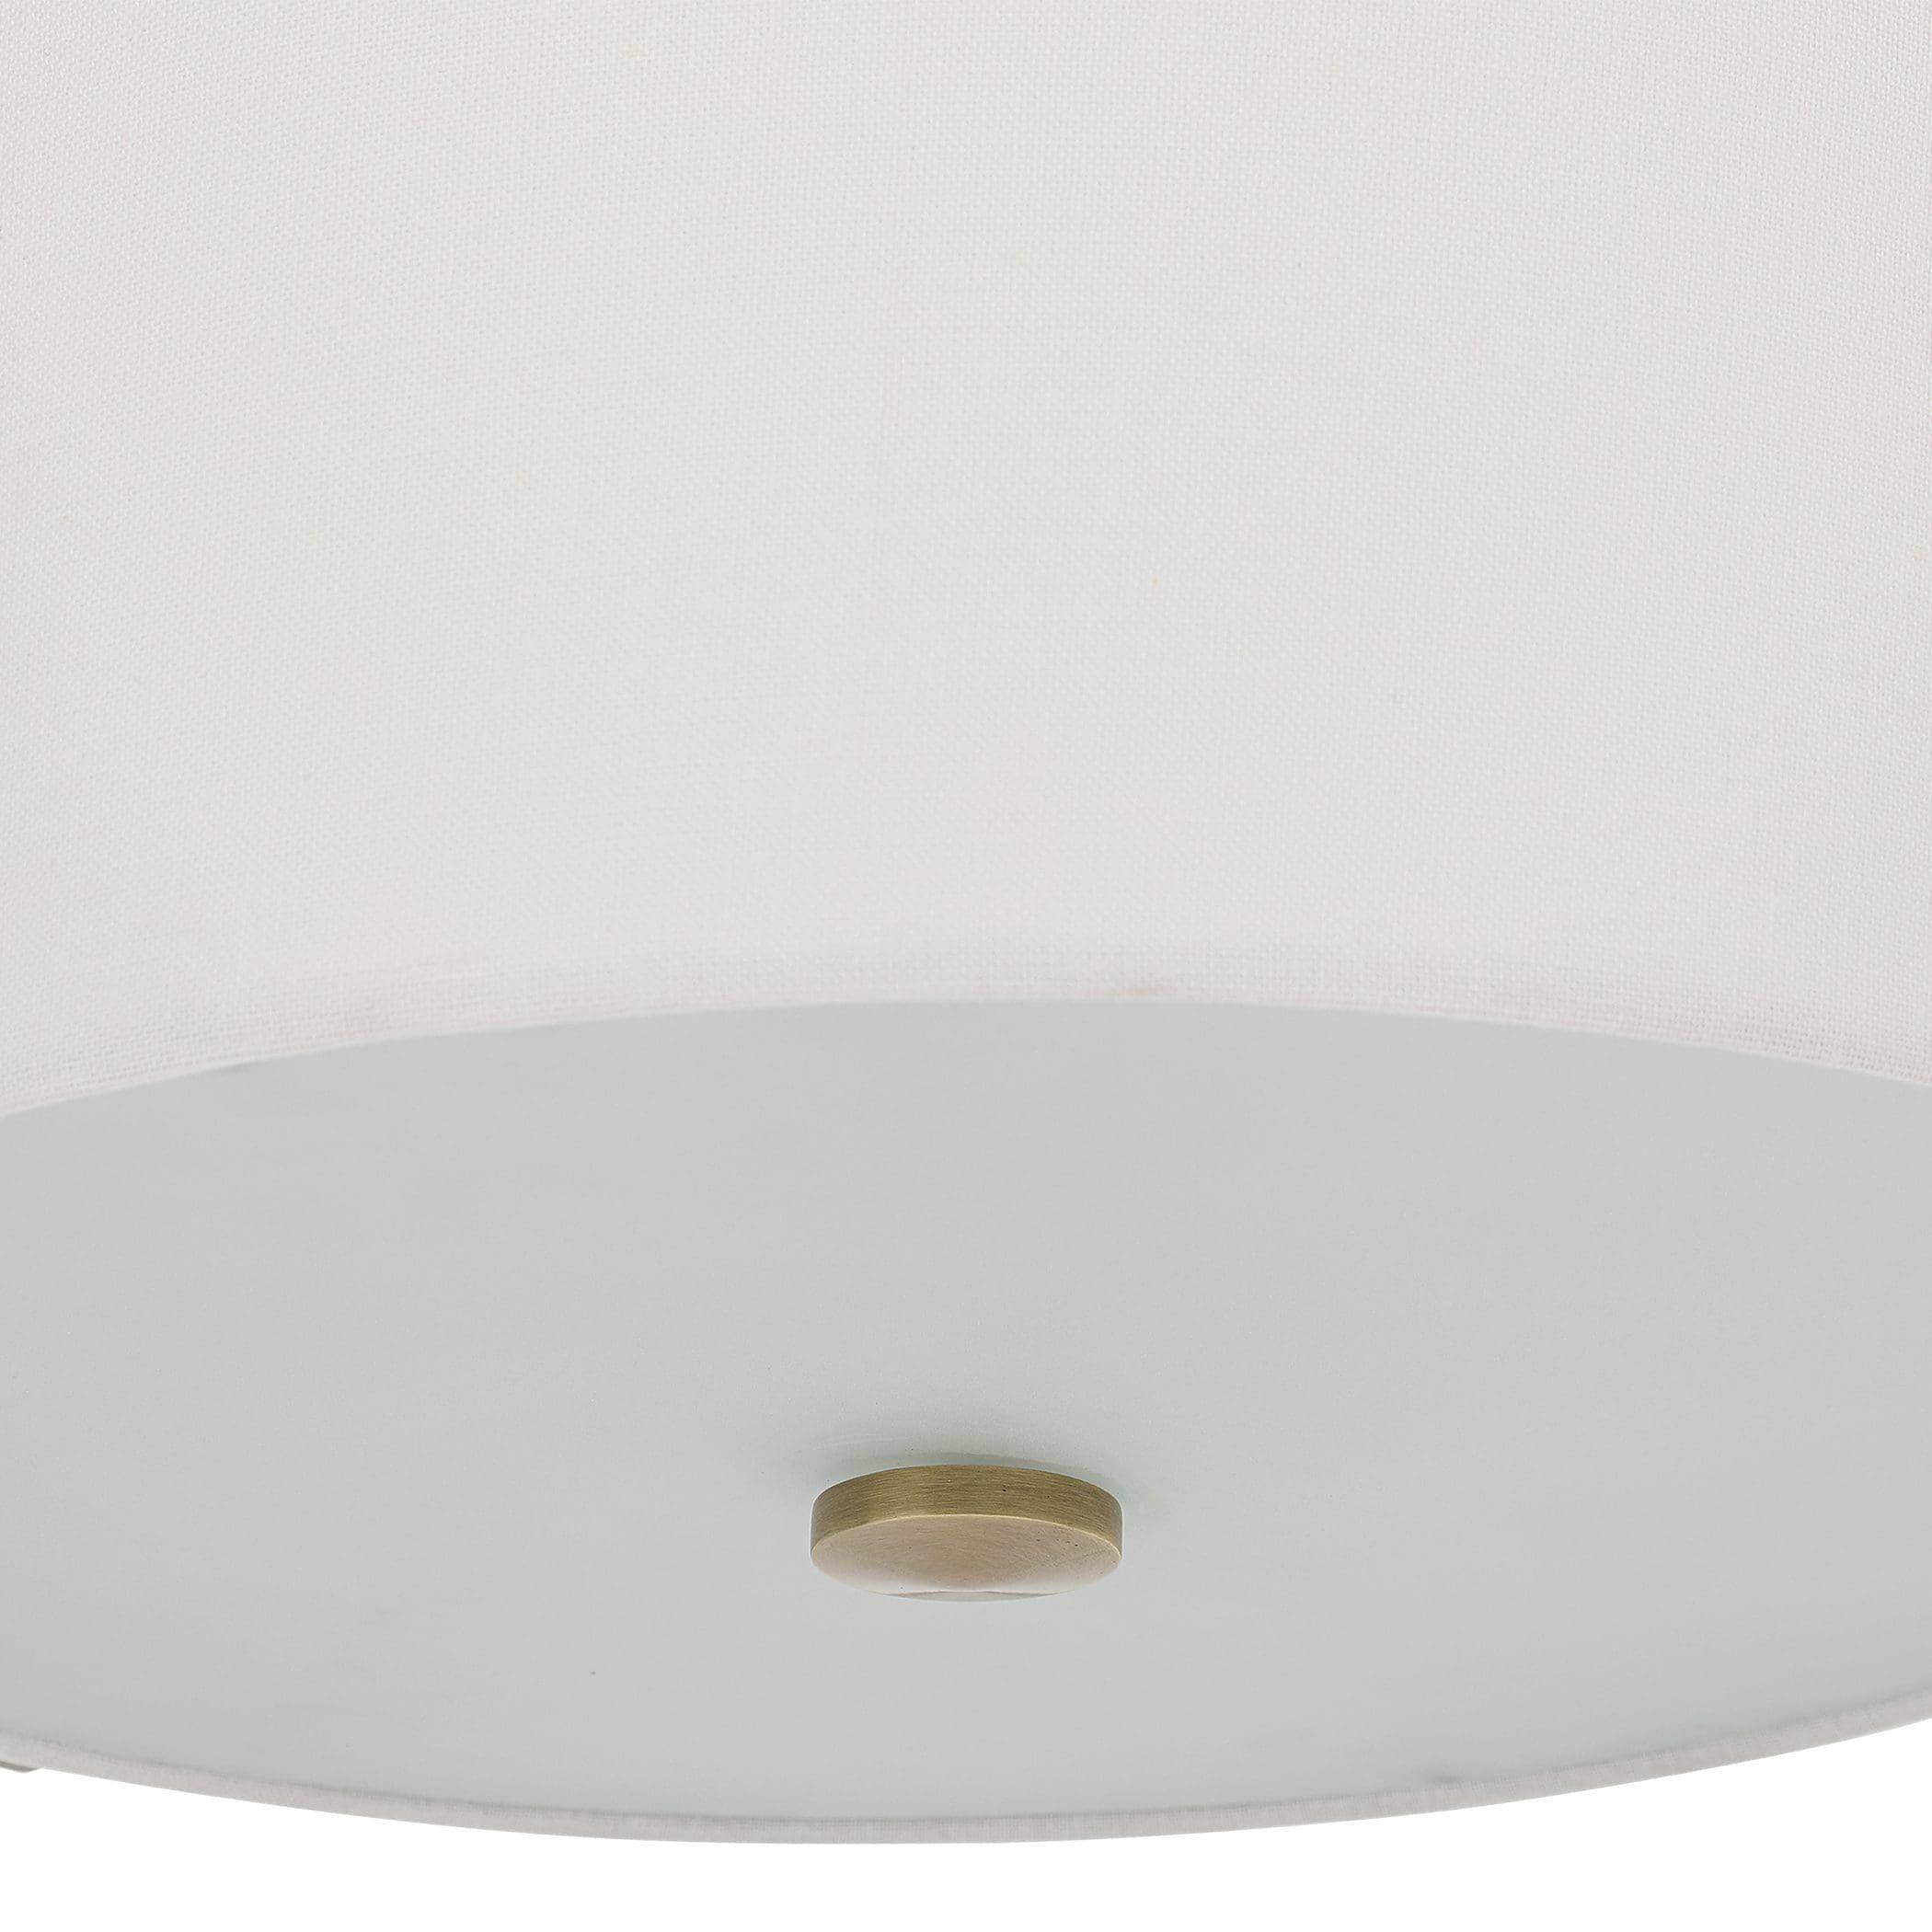 Uttermost Colfax Brass 3 Light Semi Flush